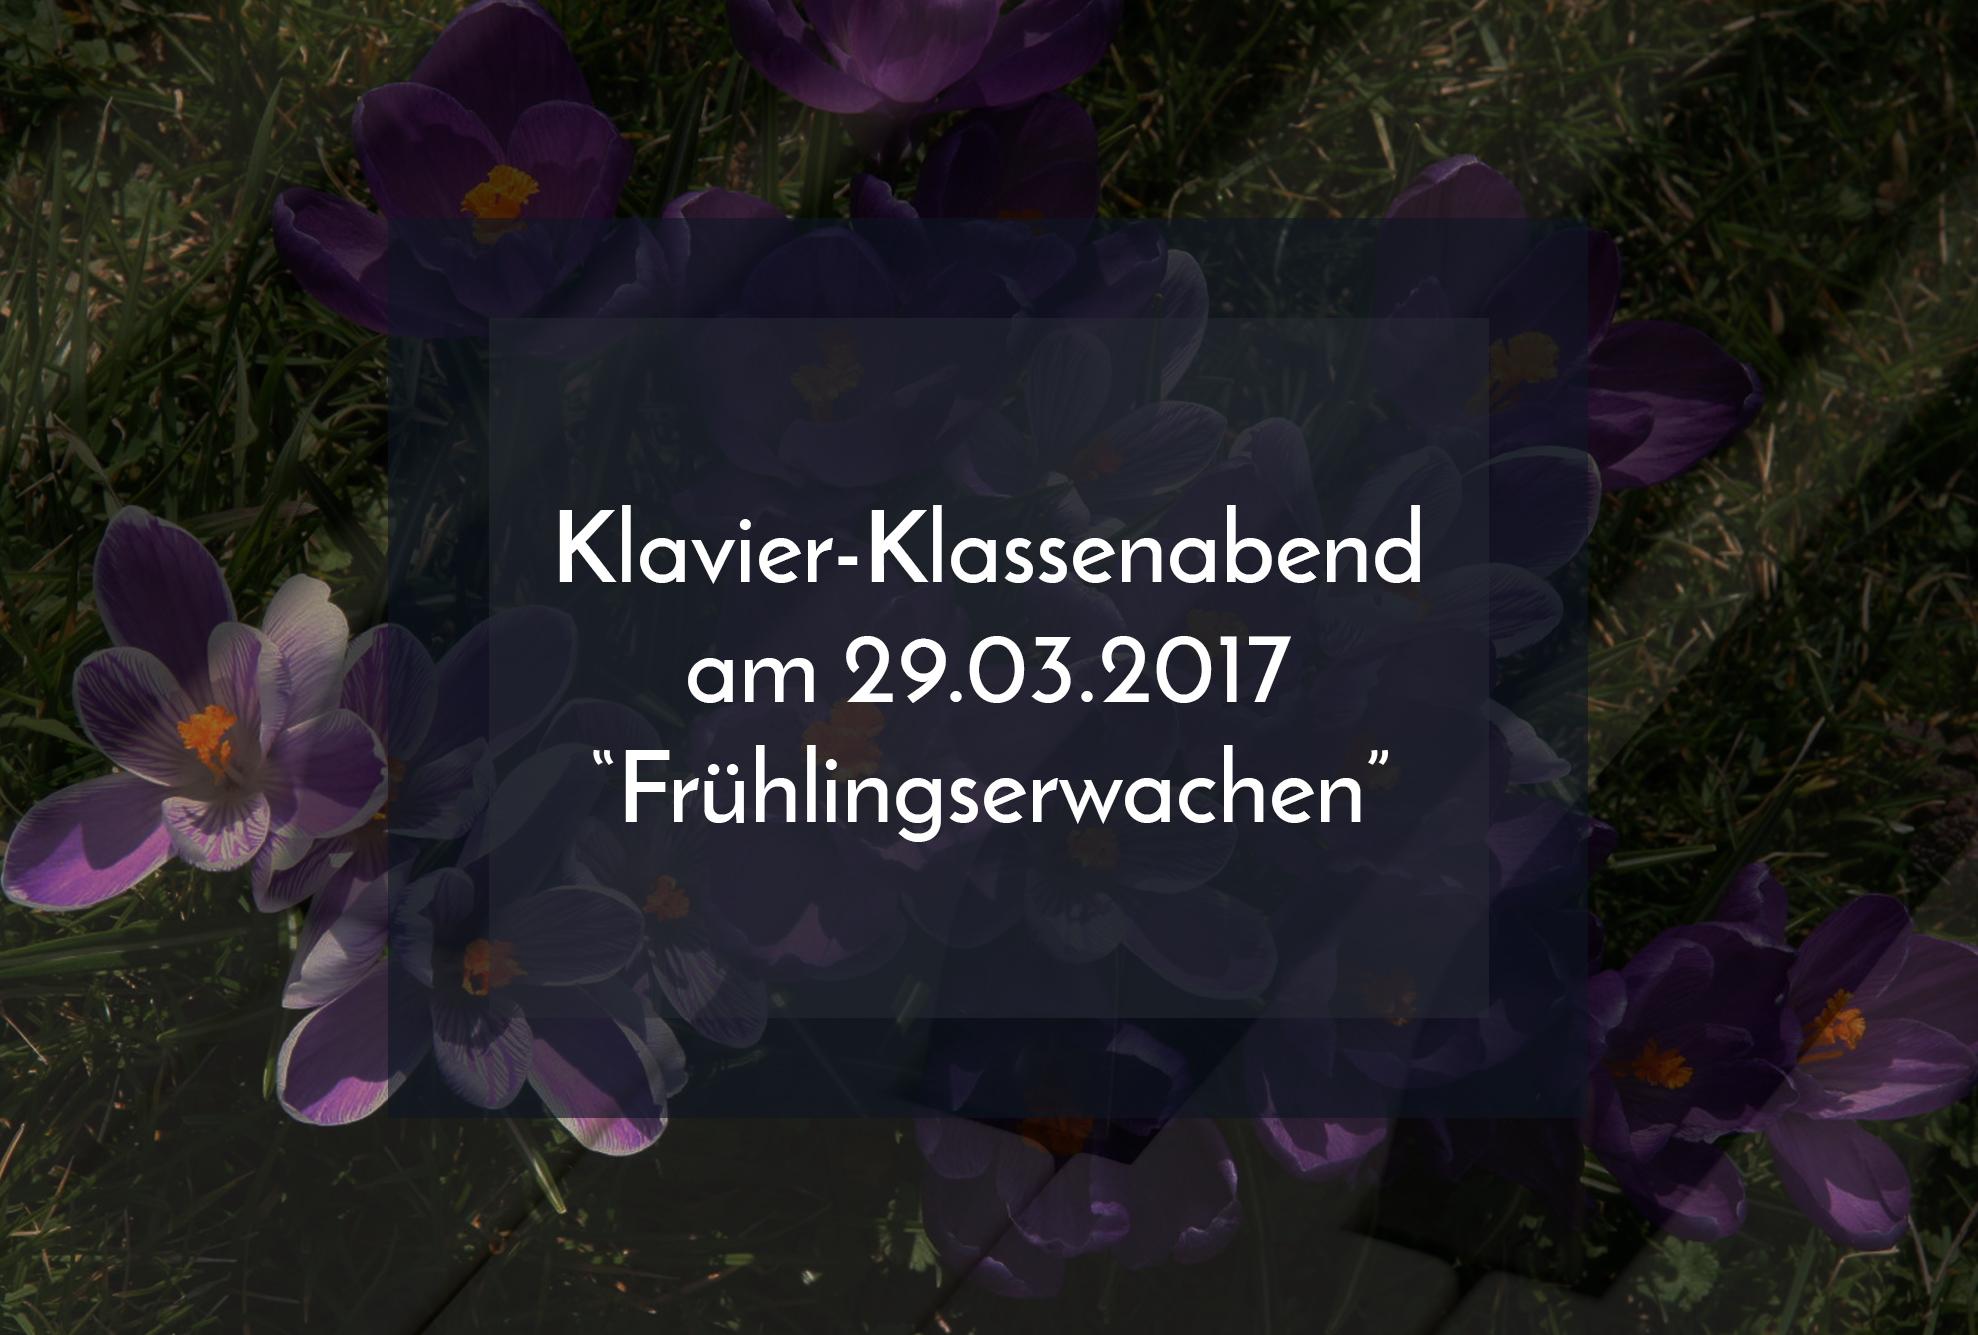 """Klavier-Klassenabend am 29.03.2017: """"Frühlingserwachen"""""""